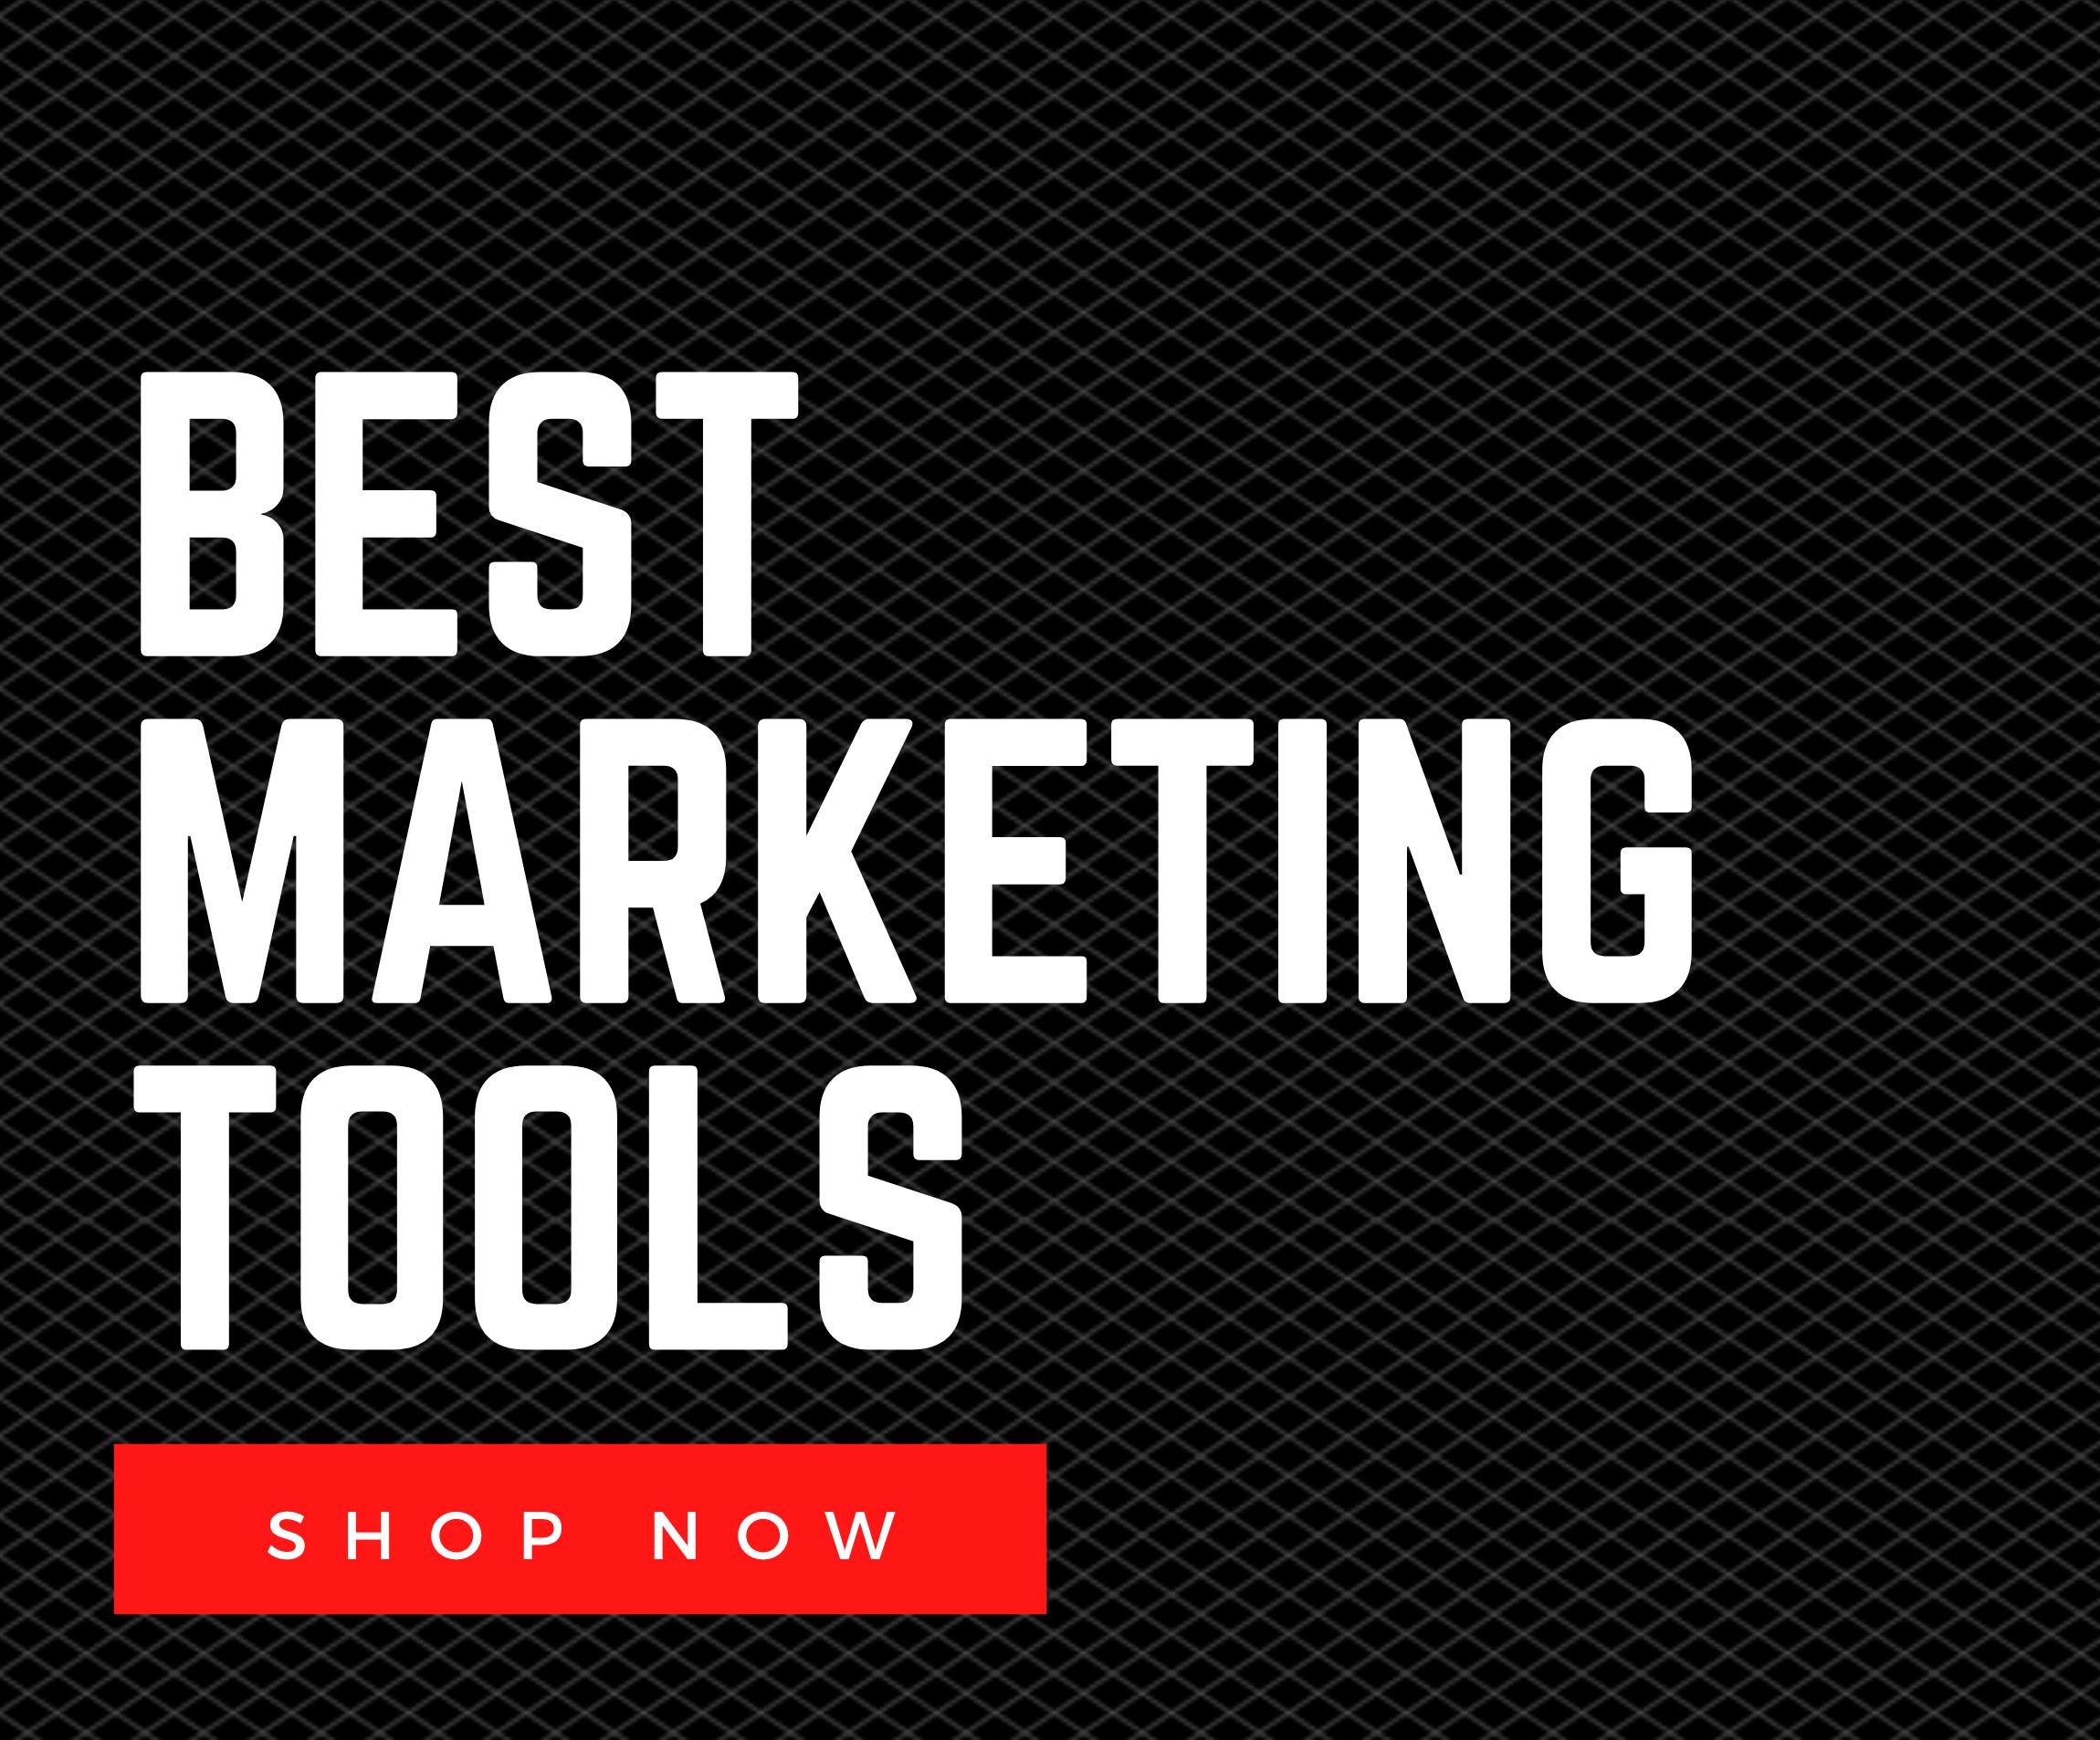 Banner best email tools dark